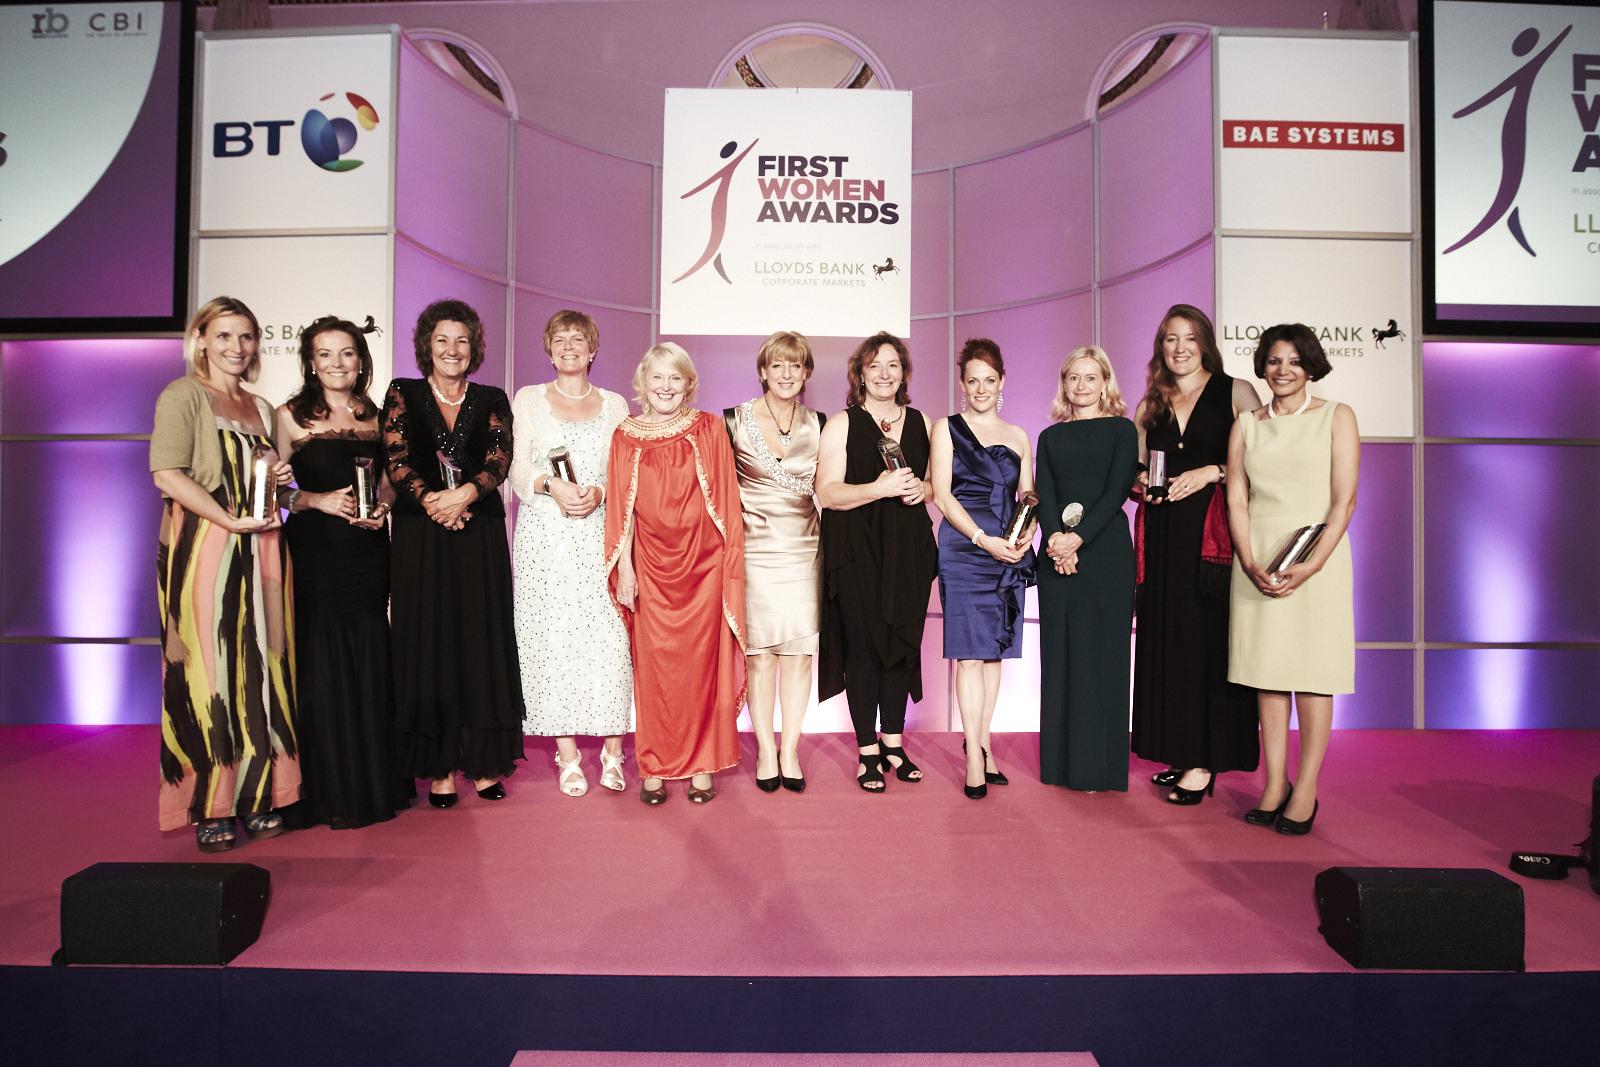 First Women Awards 2011: the winners